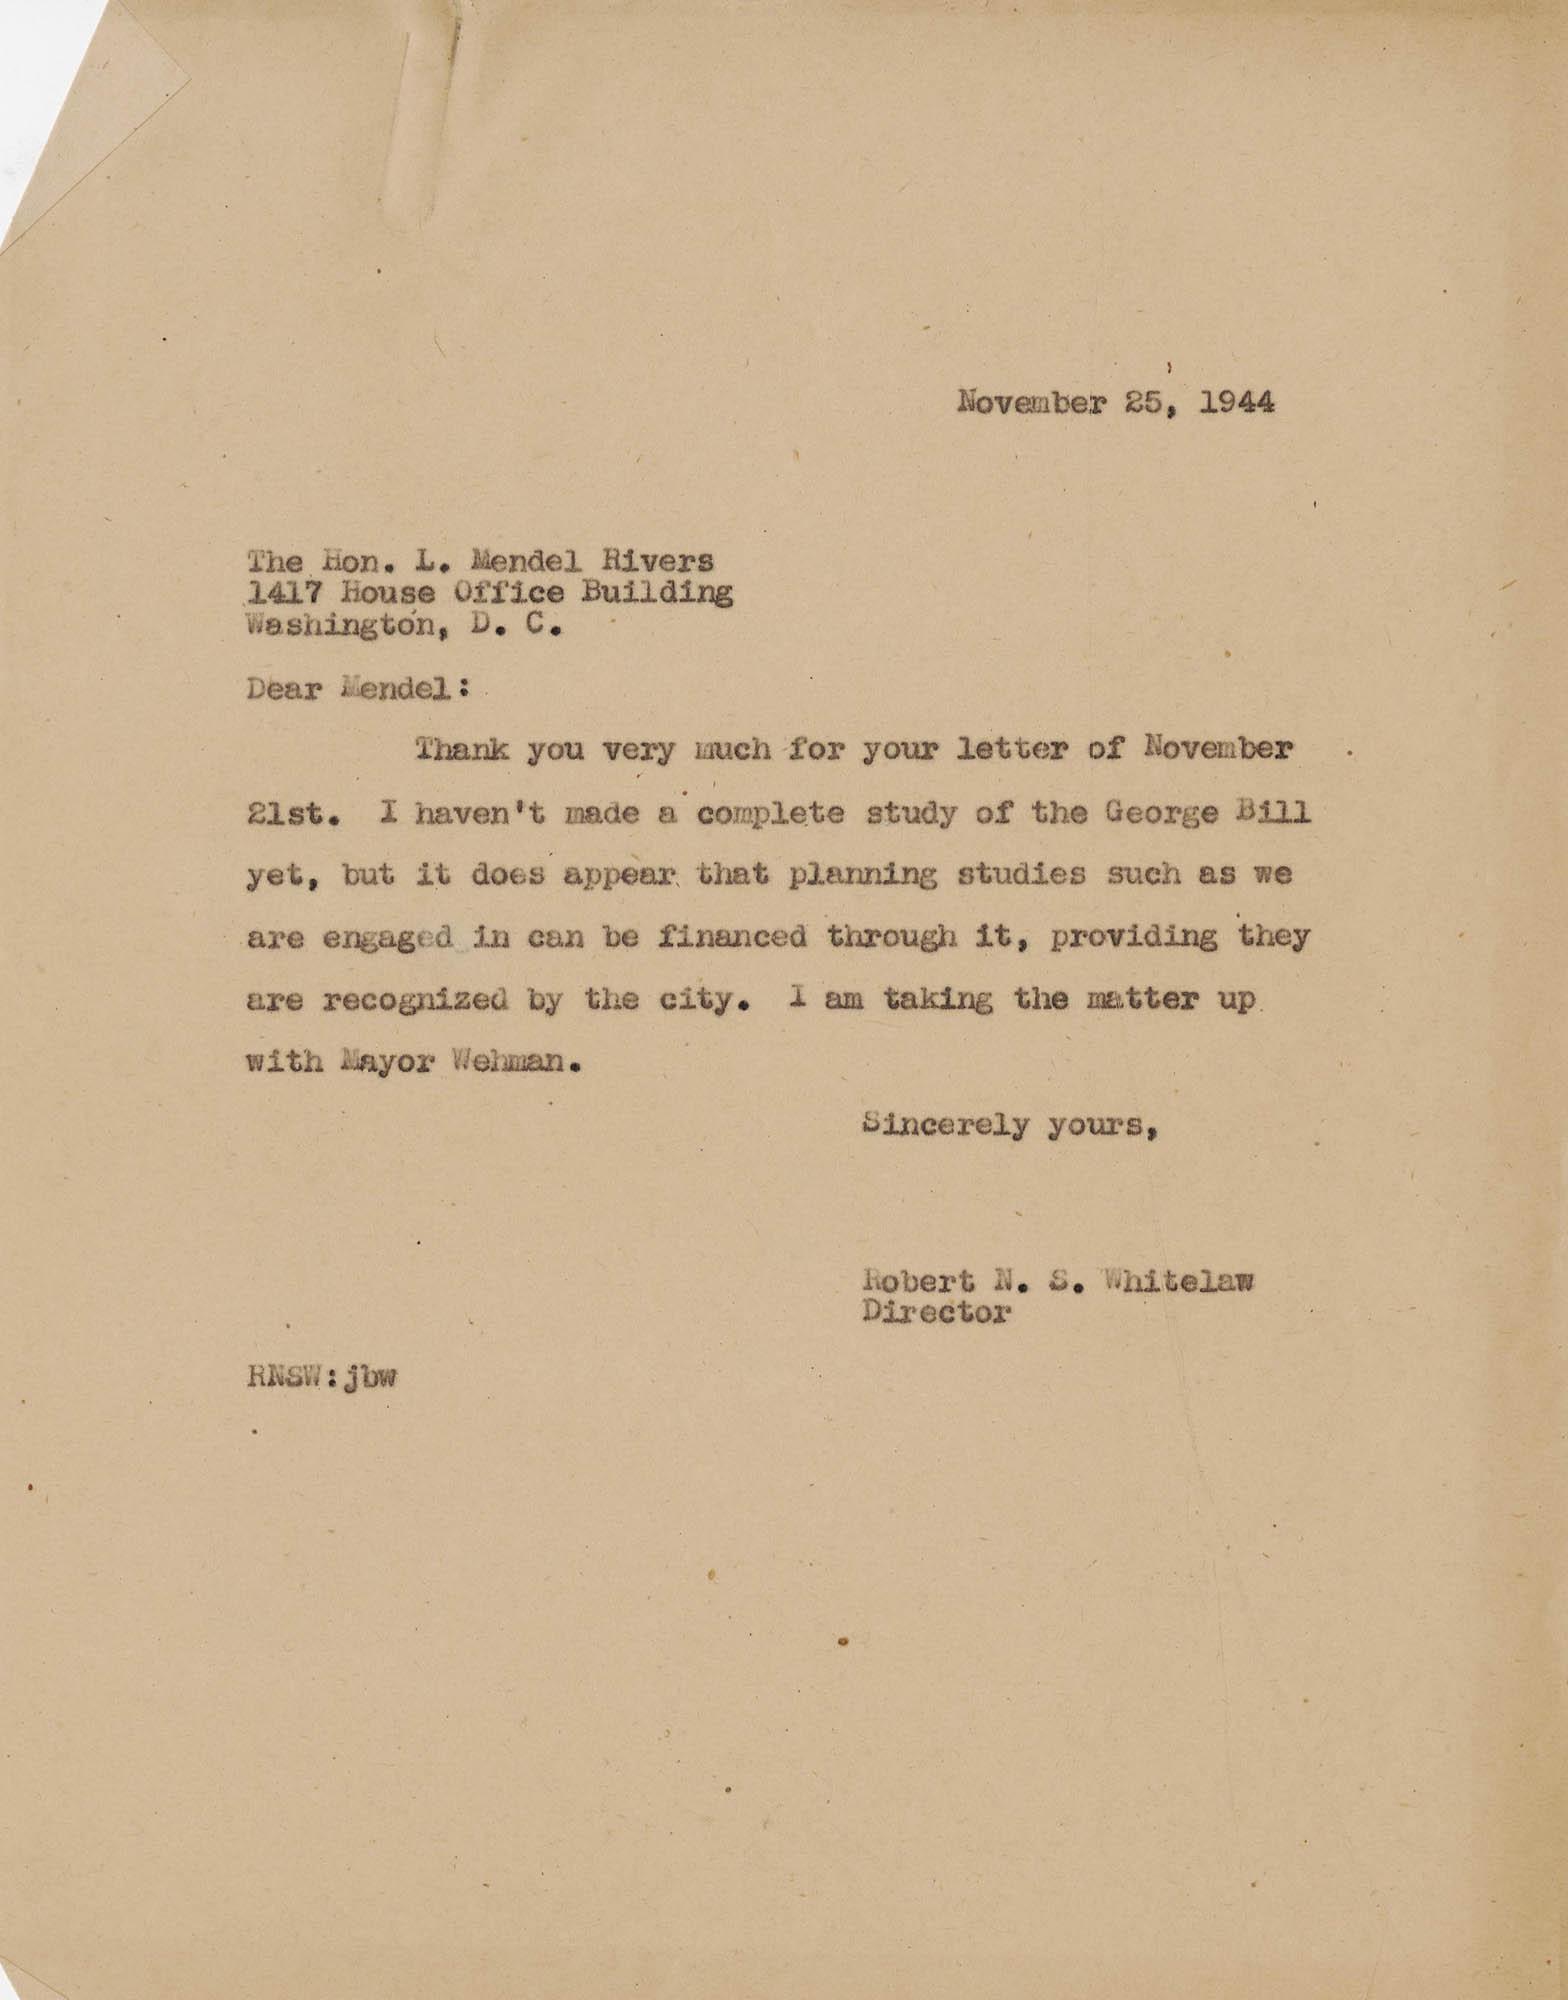 Folder 49: Whitelaw Letter 2